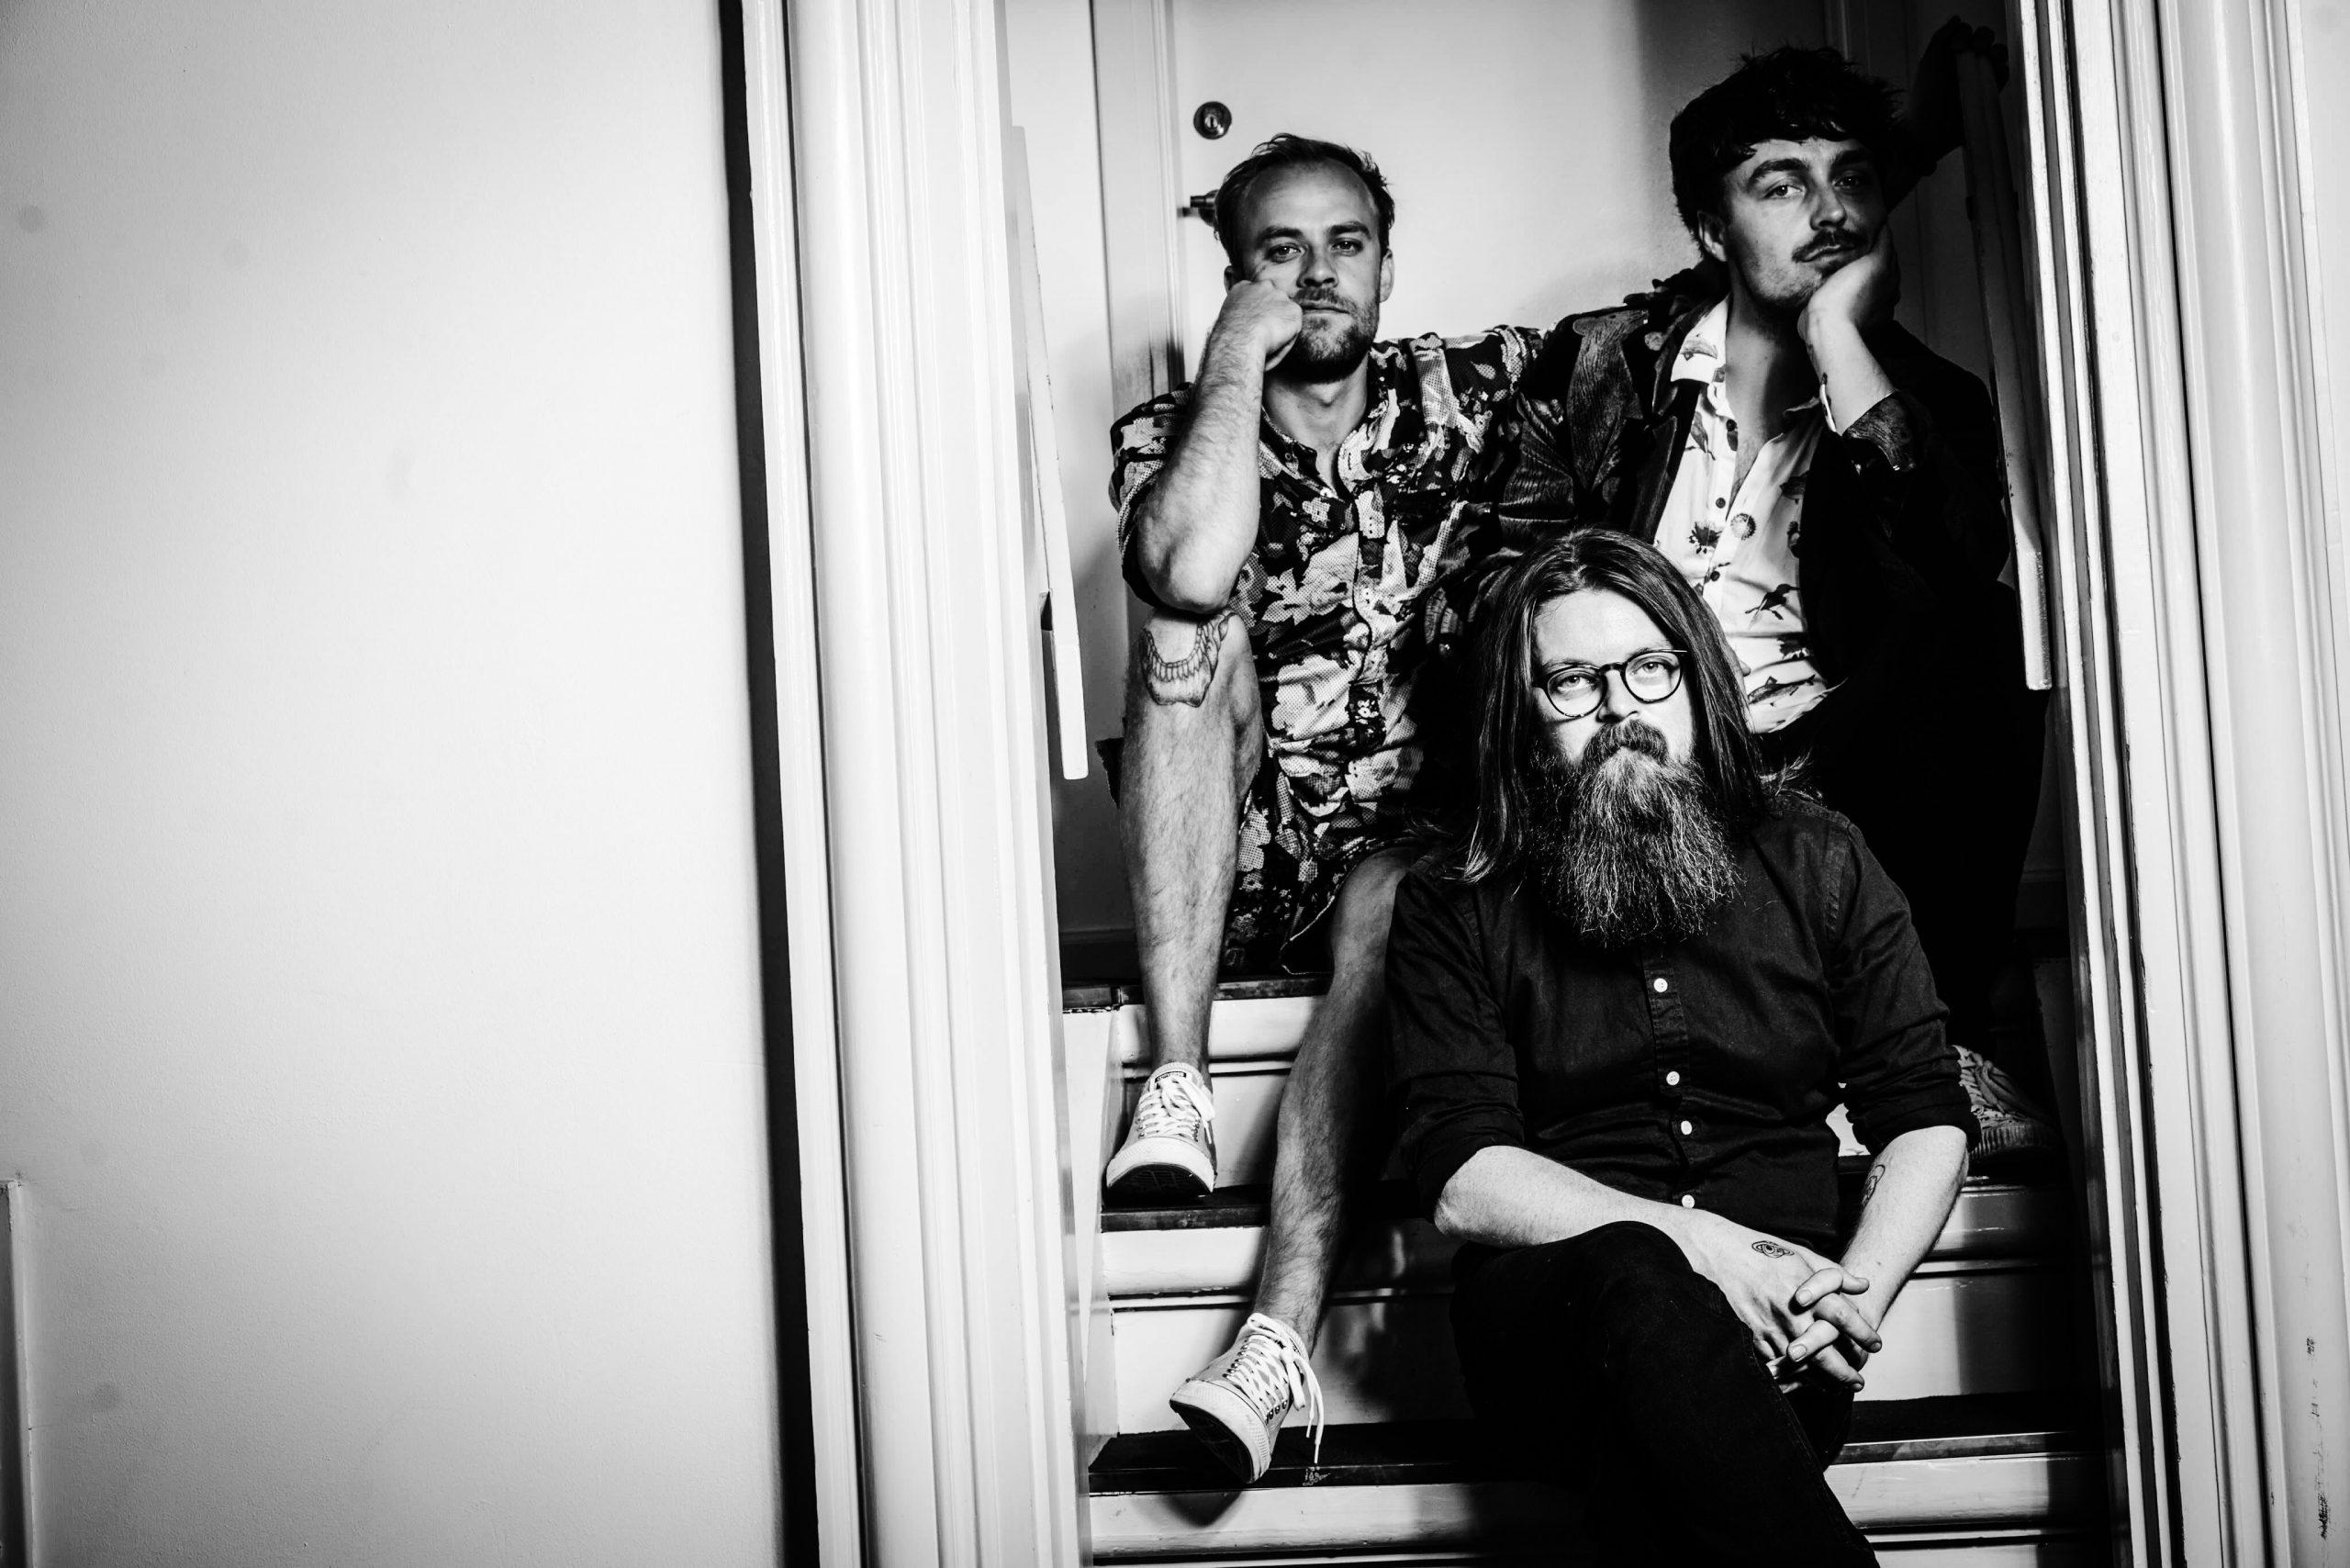 The Great Dictators - band members